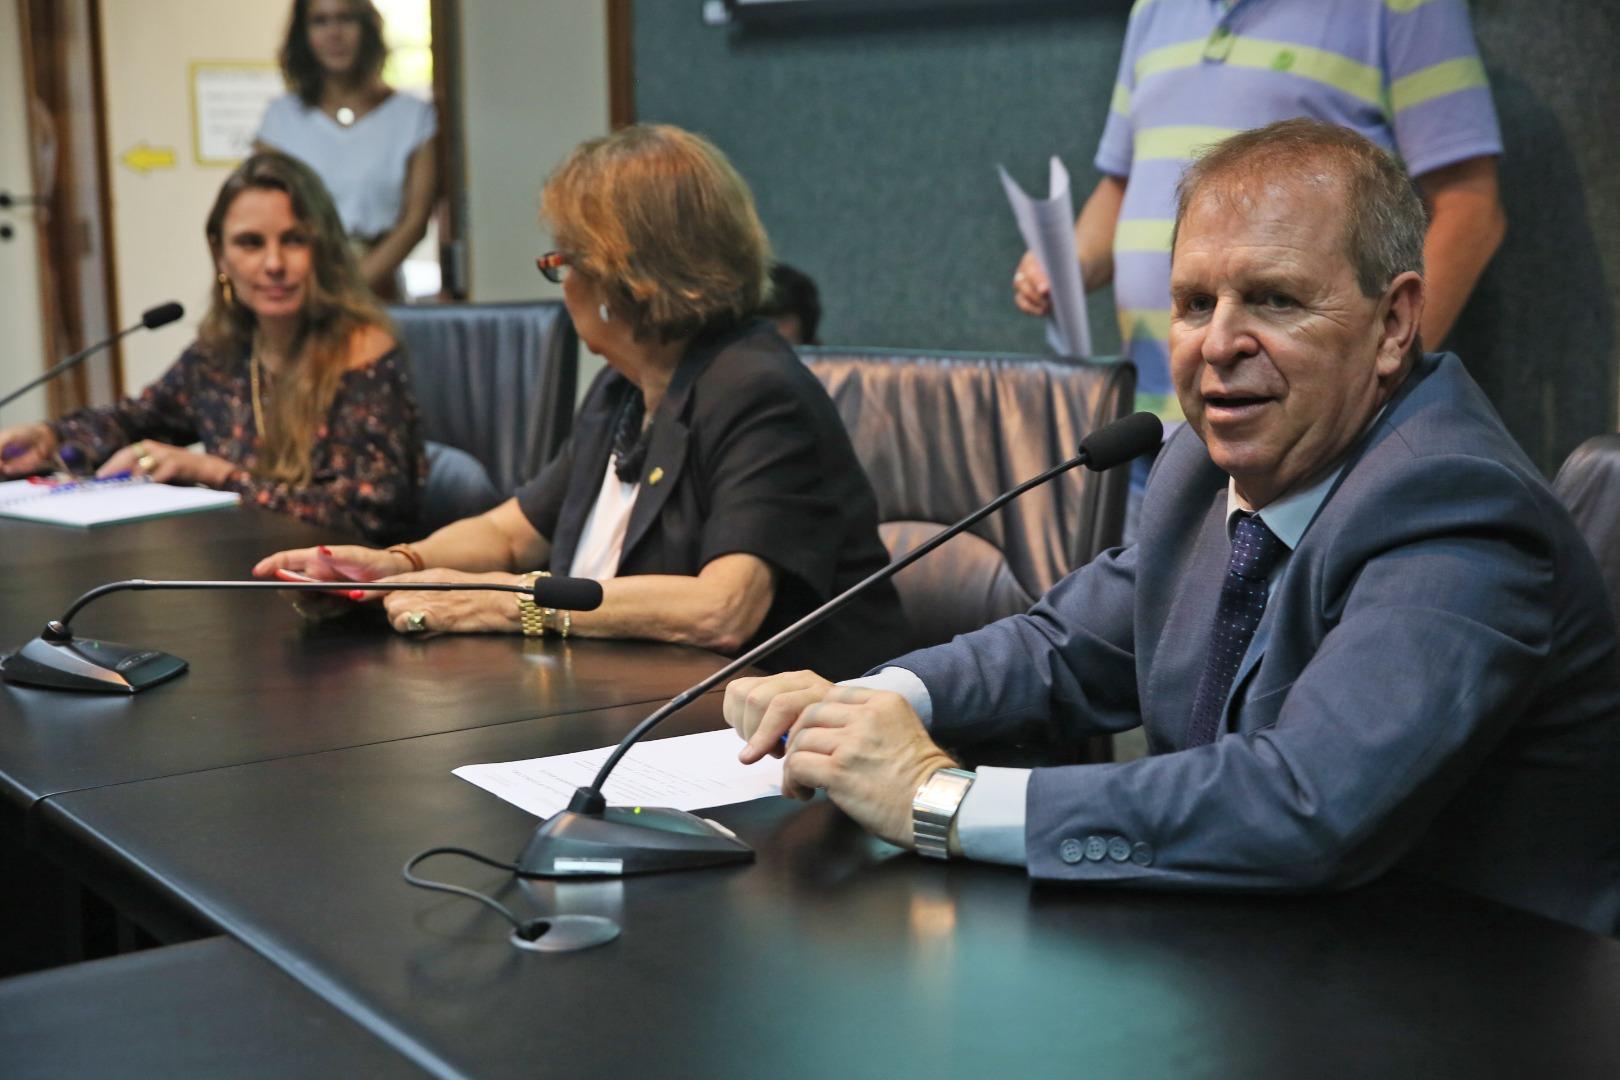 Eskudlark é eleito presidente da Comissão de Segurança Pública